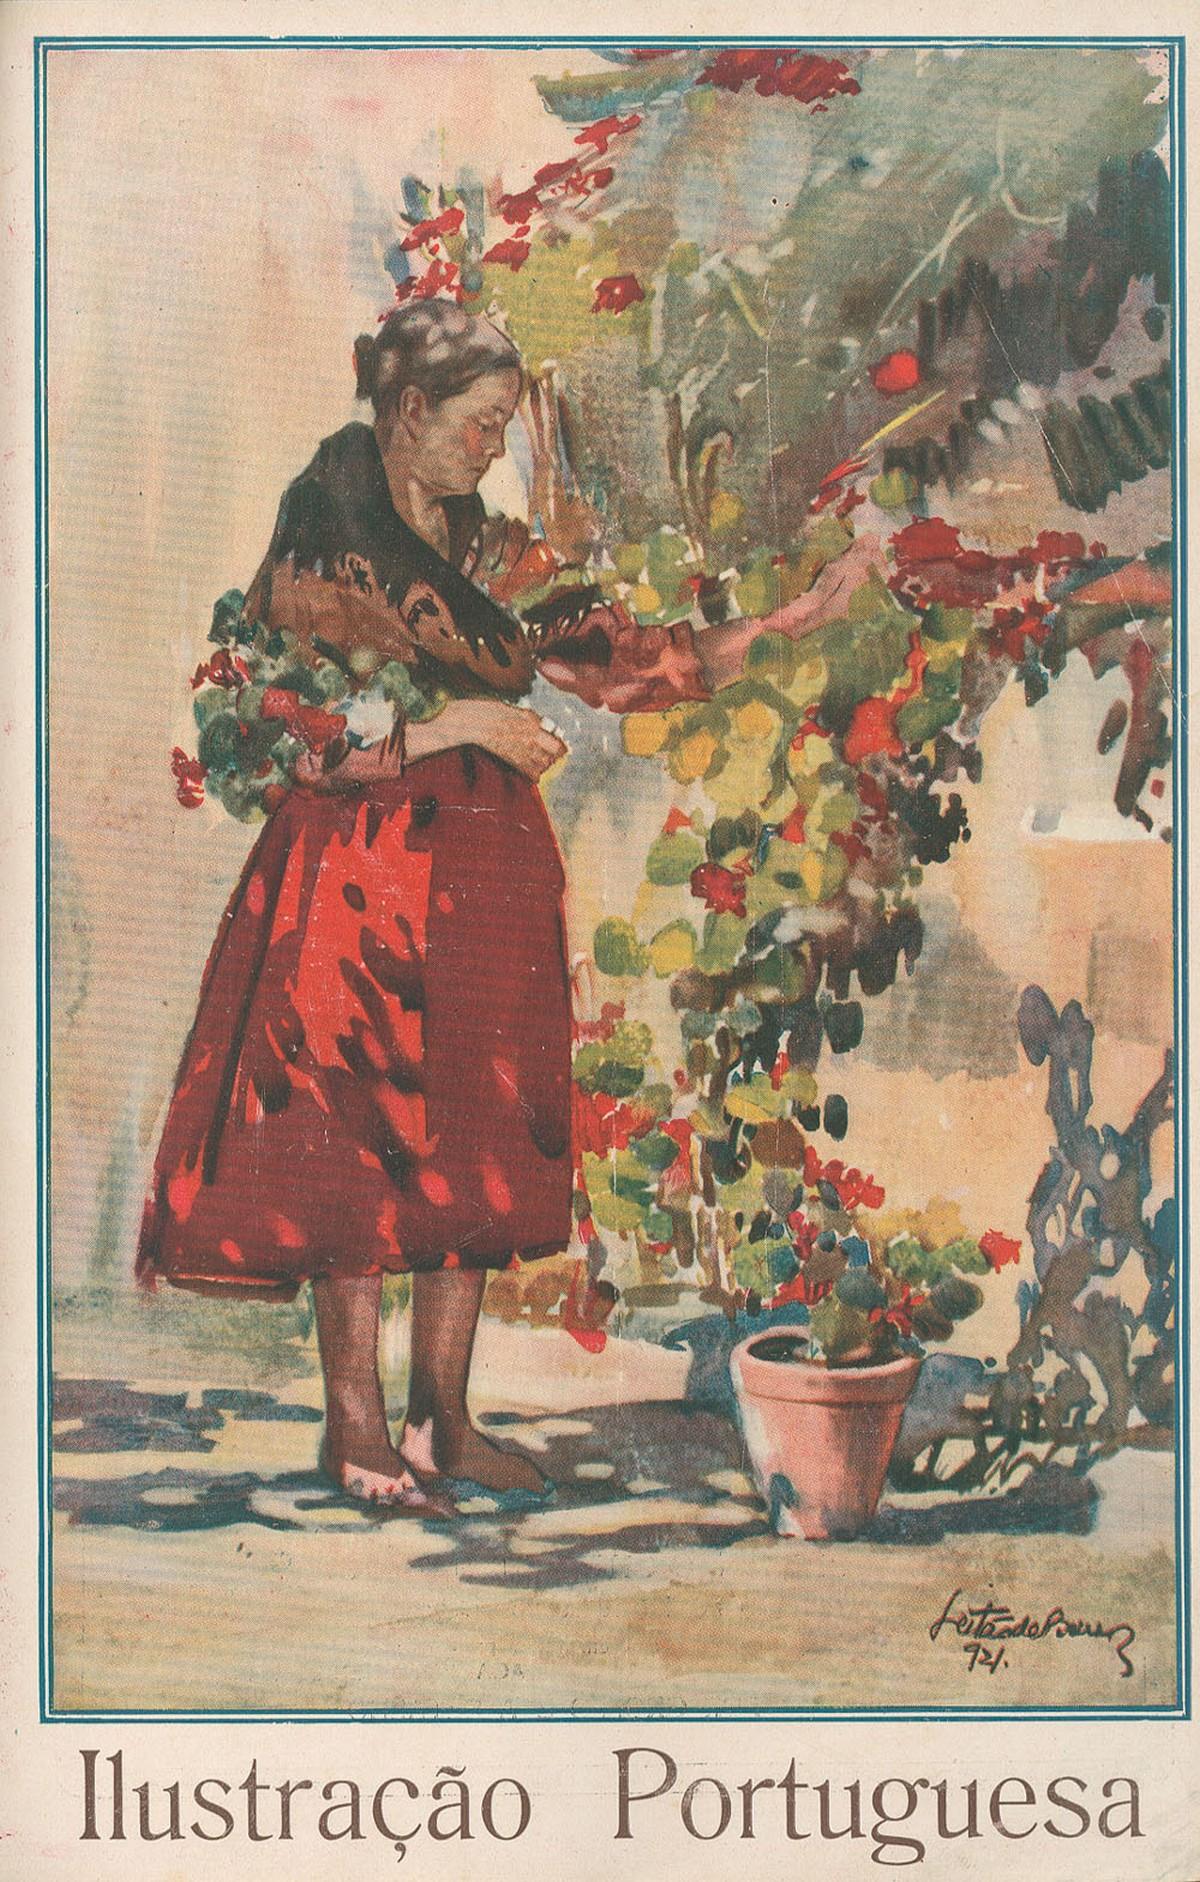 Ilustração Portuguesa, 2.ª série, n.º 840, 25 de Março de 1922, Leitão de Barros